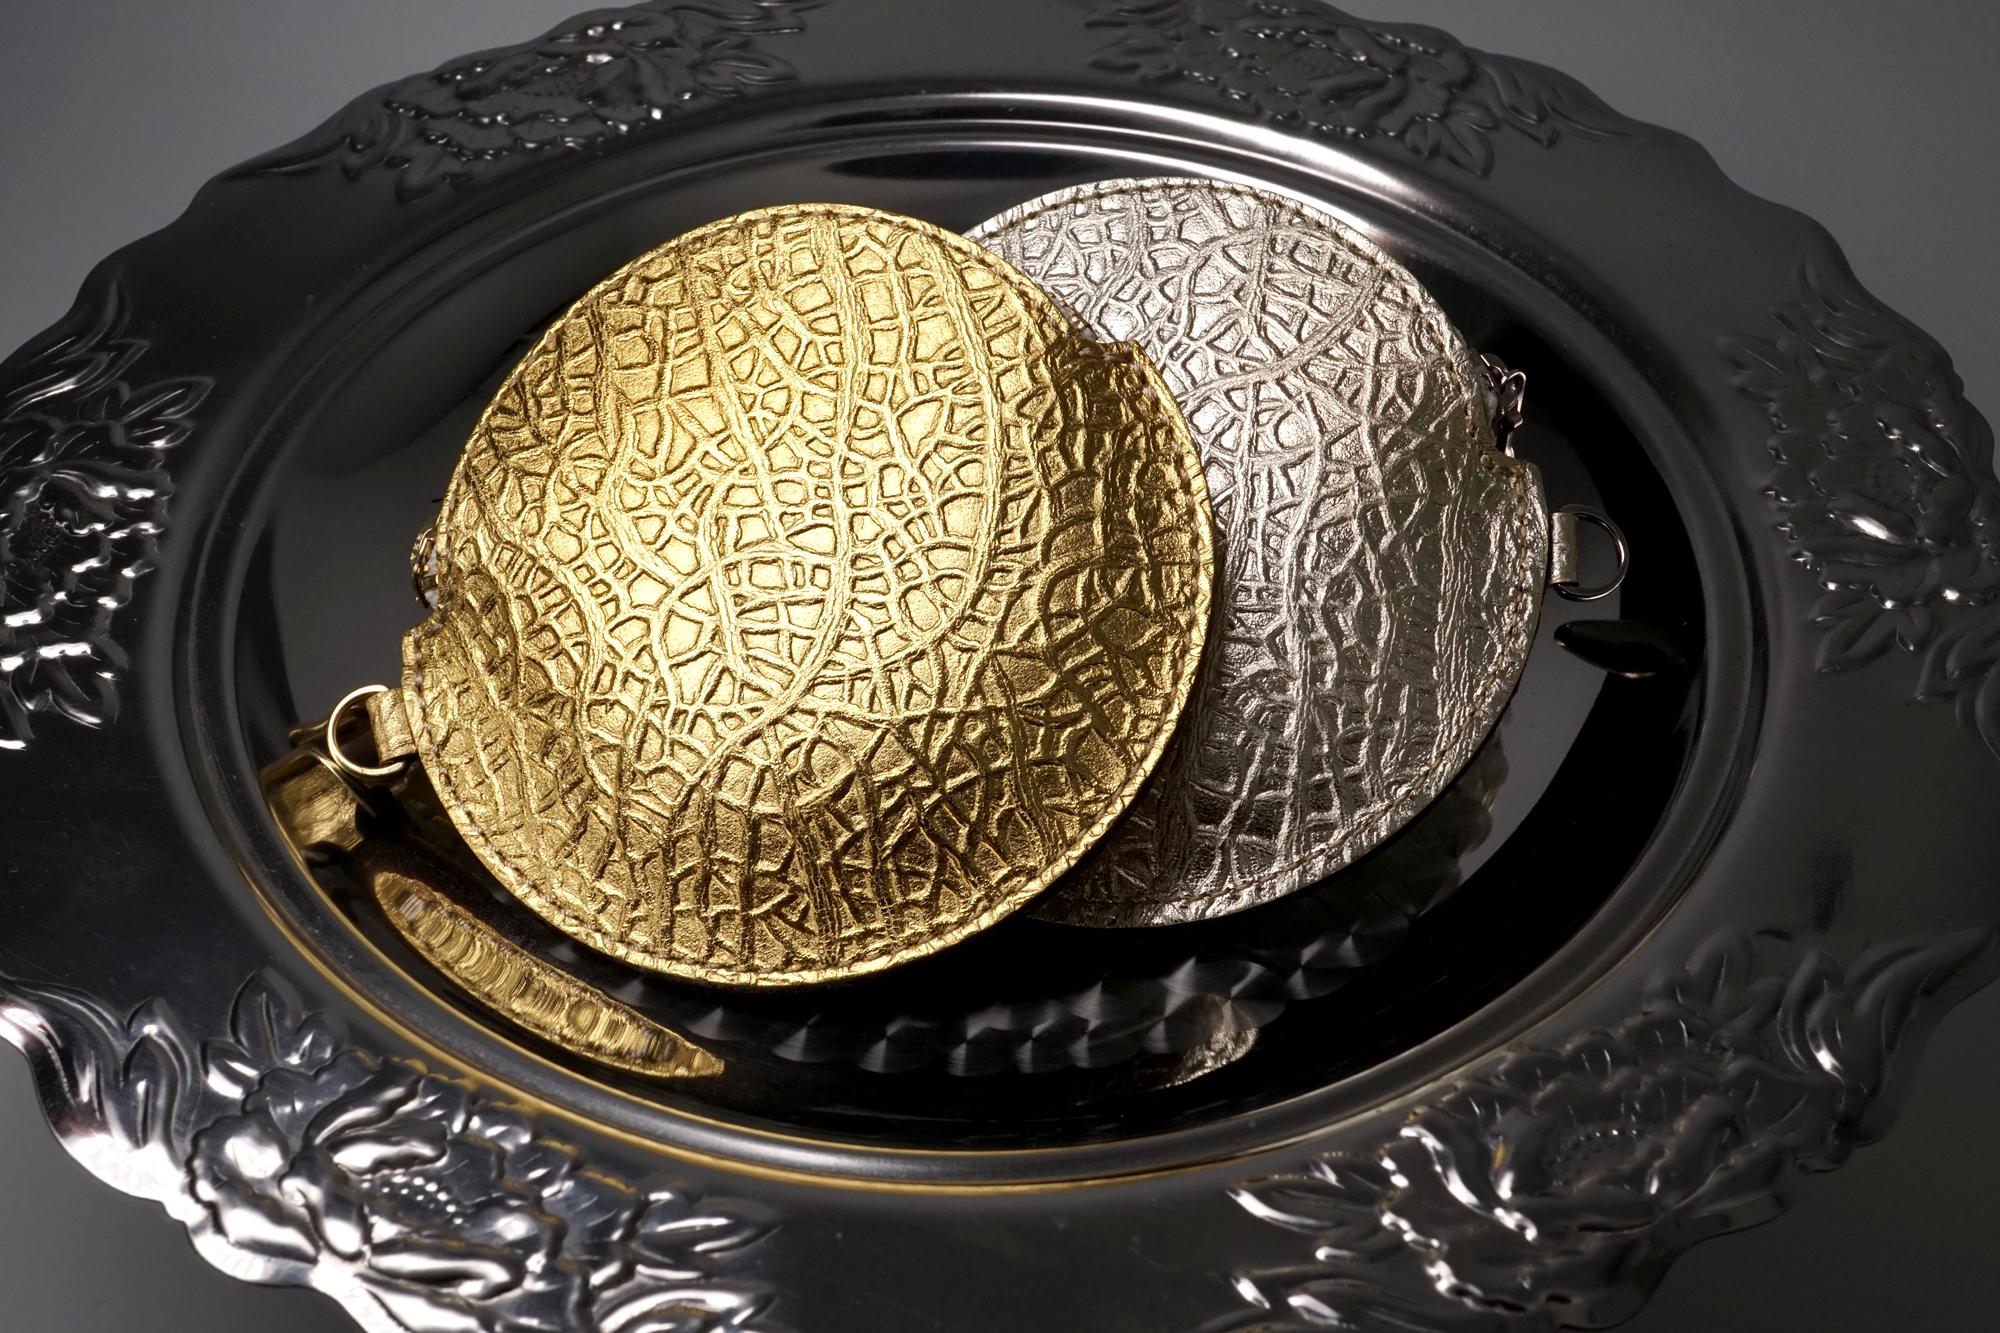 「スイカ」が入るメロン(牛革製コイン&パスケース)ゴールド/シルバー